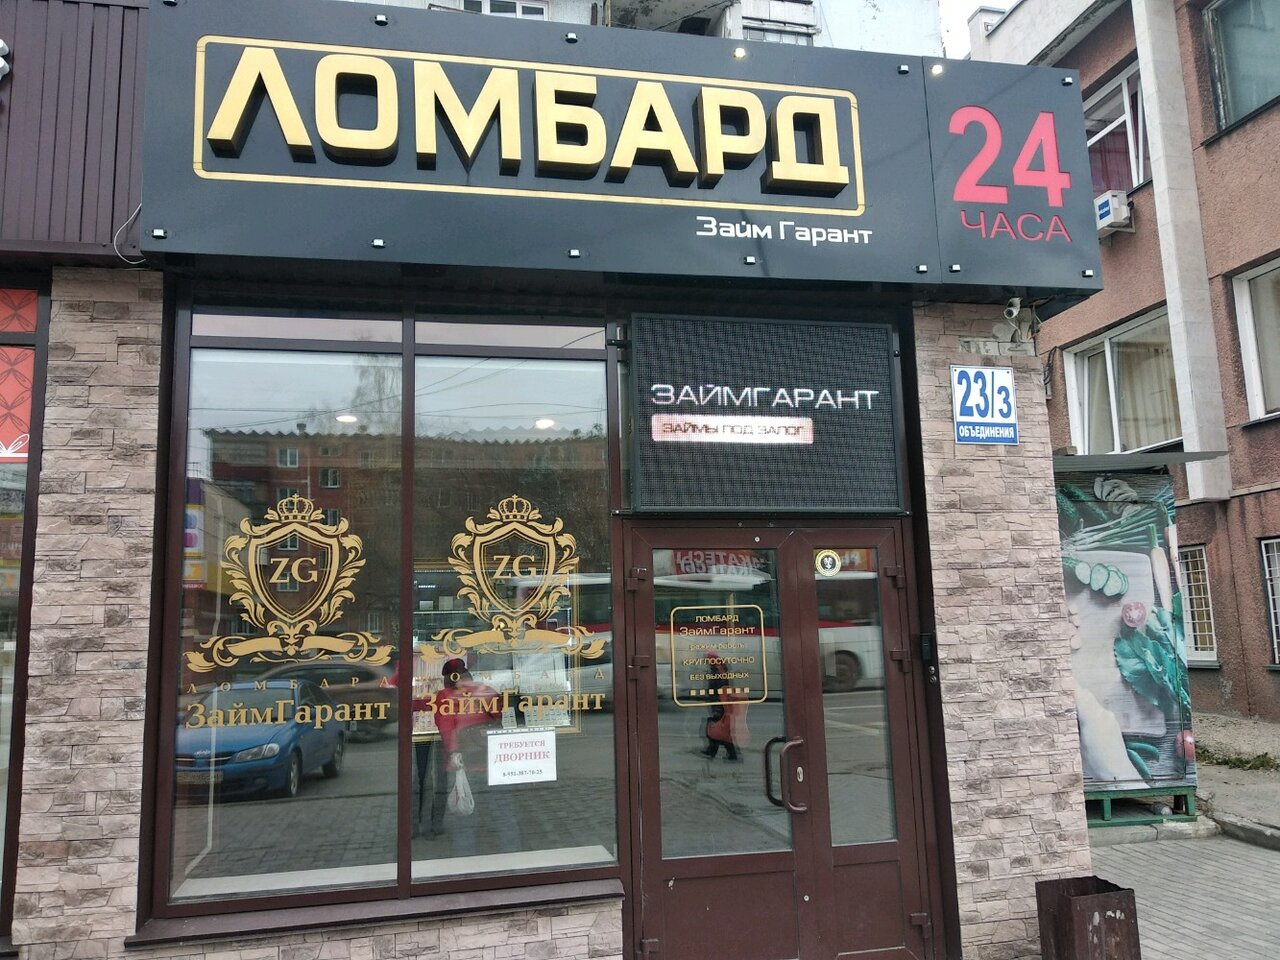 Новосибирск ломбард 24 часа сдать часы как